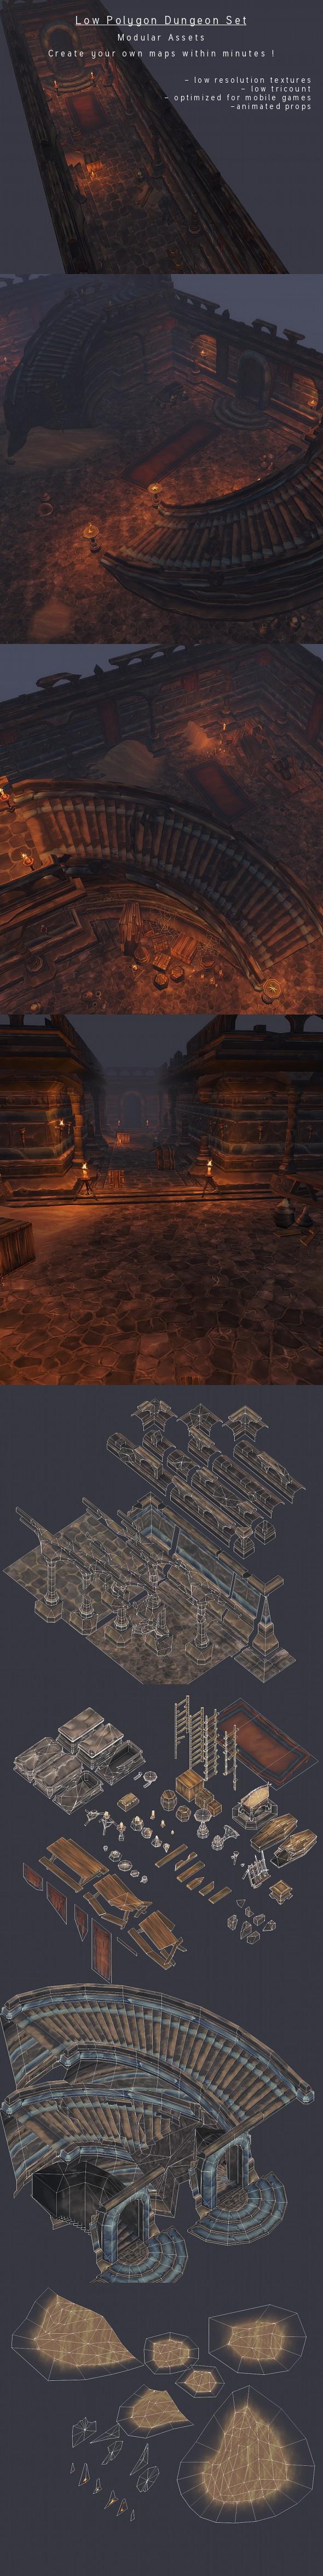 3DOcean LowPoly Modular Dungeon Set 3983637